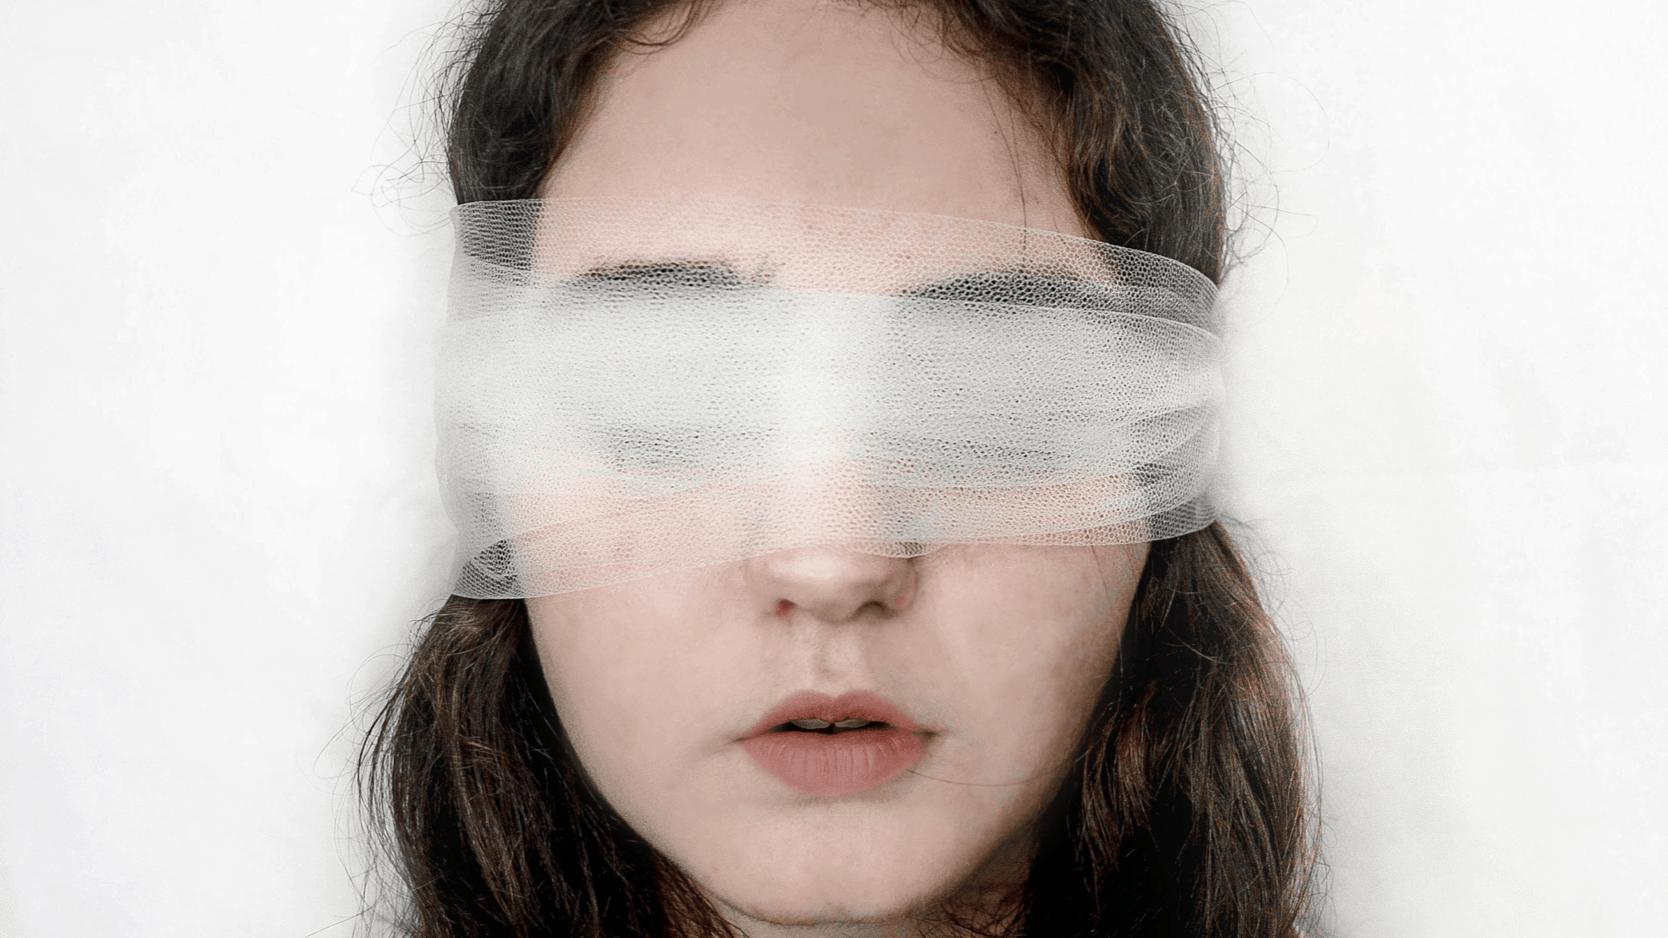 Dunkelhaarige Frau, die ihre Augen mit einem Sc heller verbunden hat